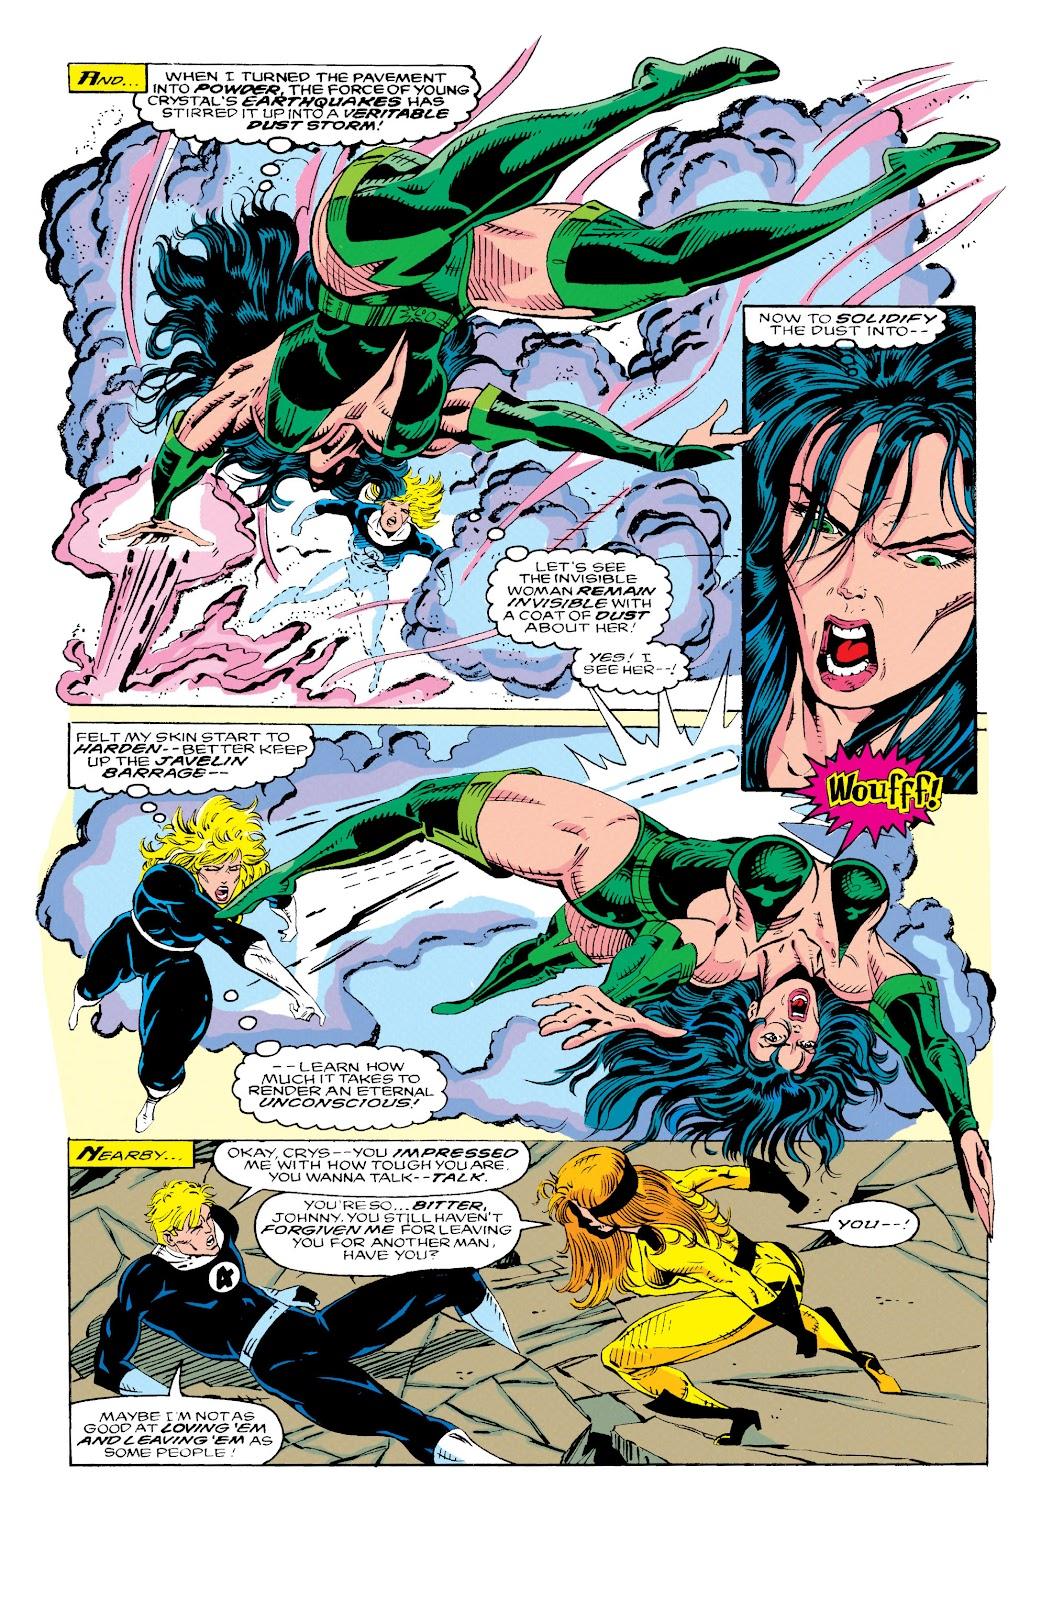 Read online Avengers: Citizen Kang comic -  Issue # TPB (Part 2) - 38